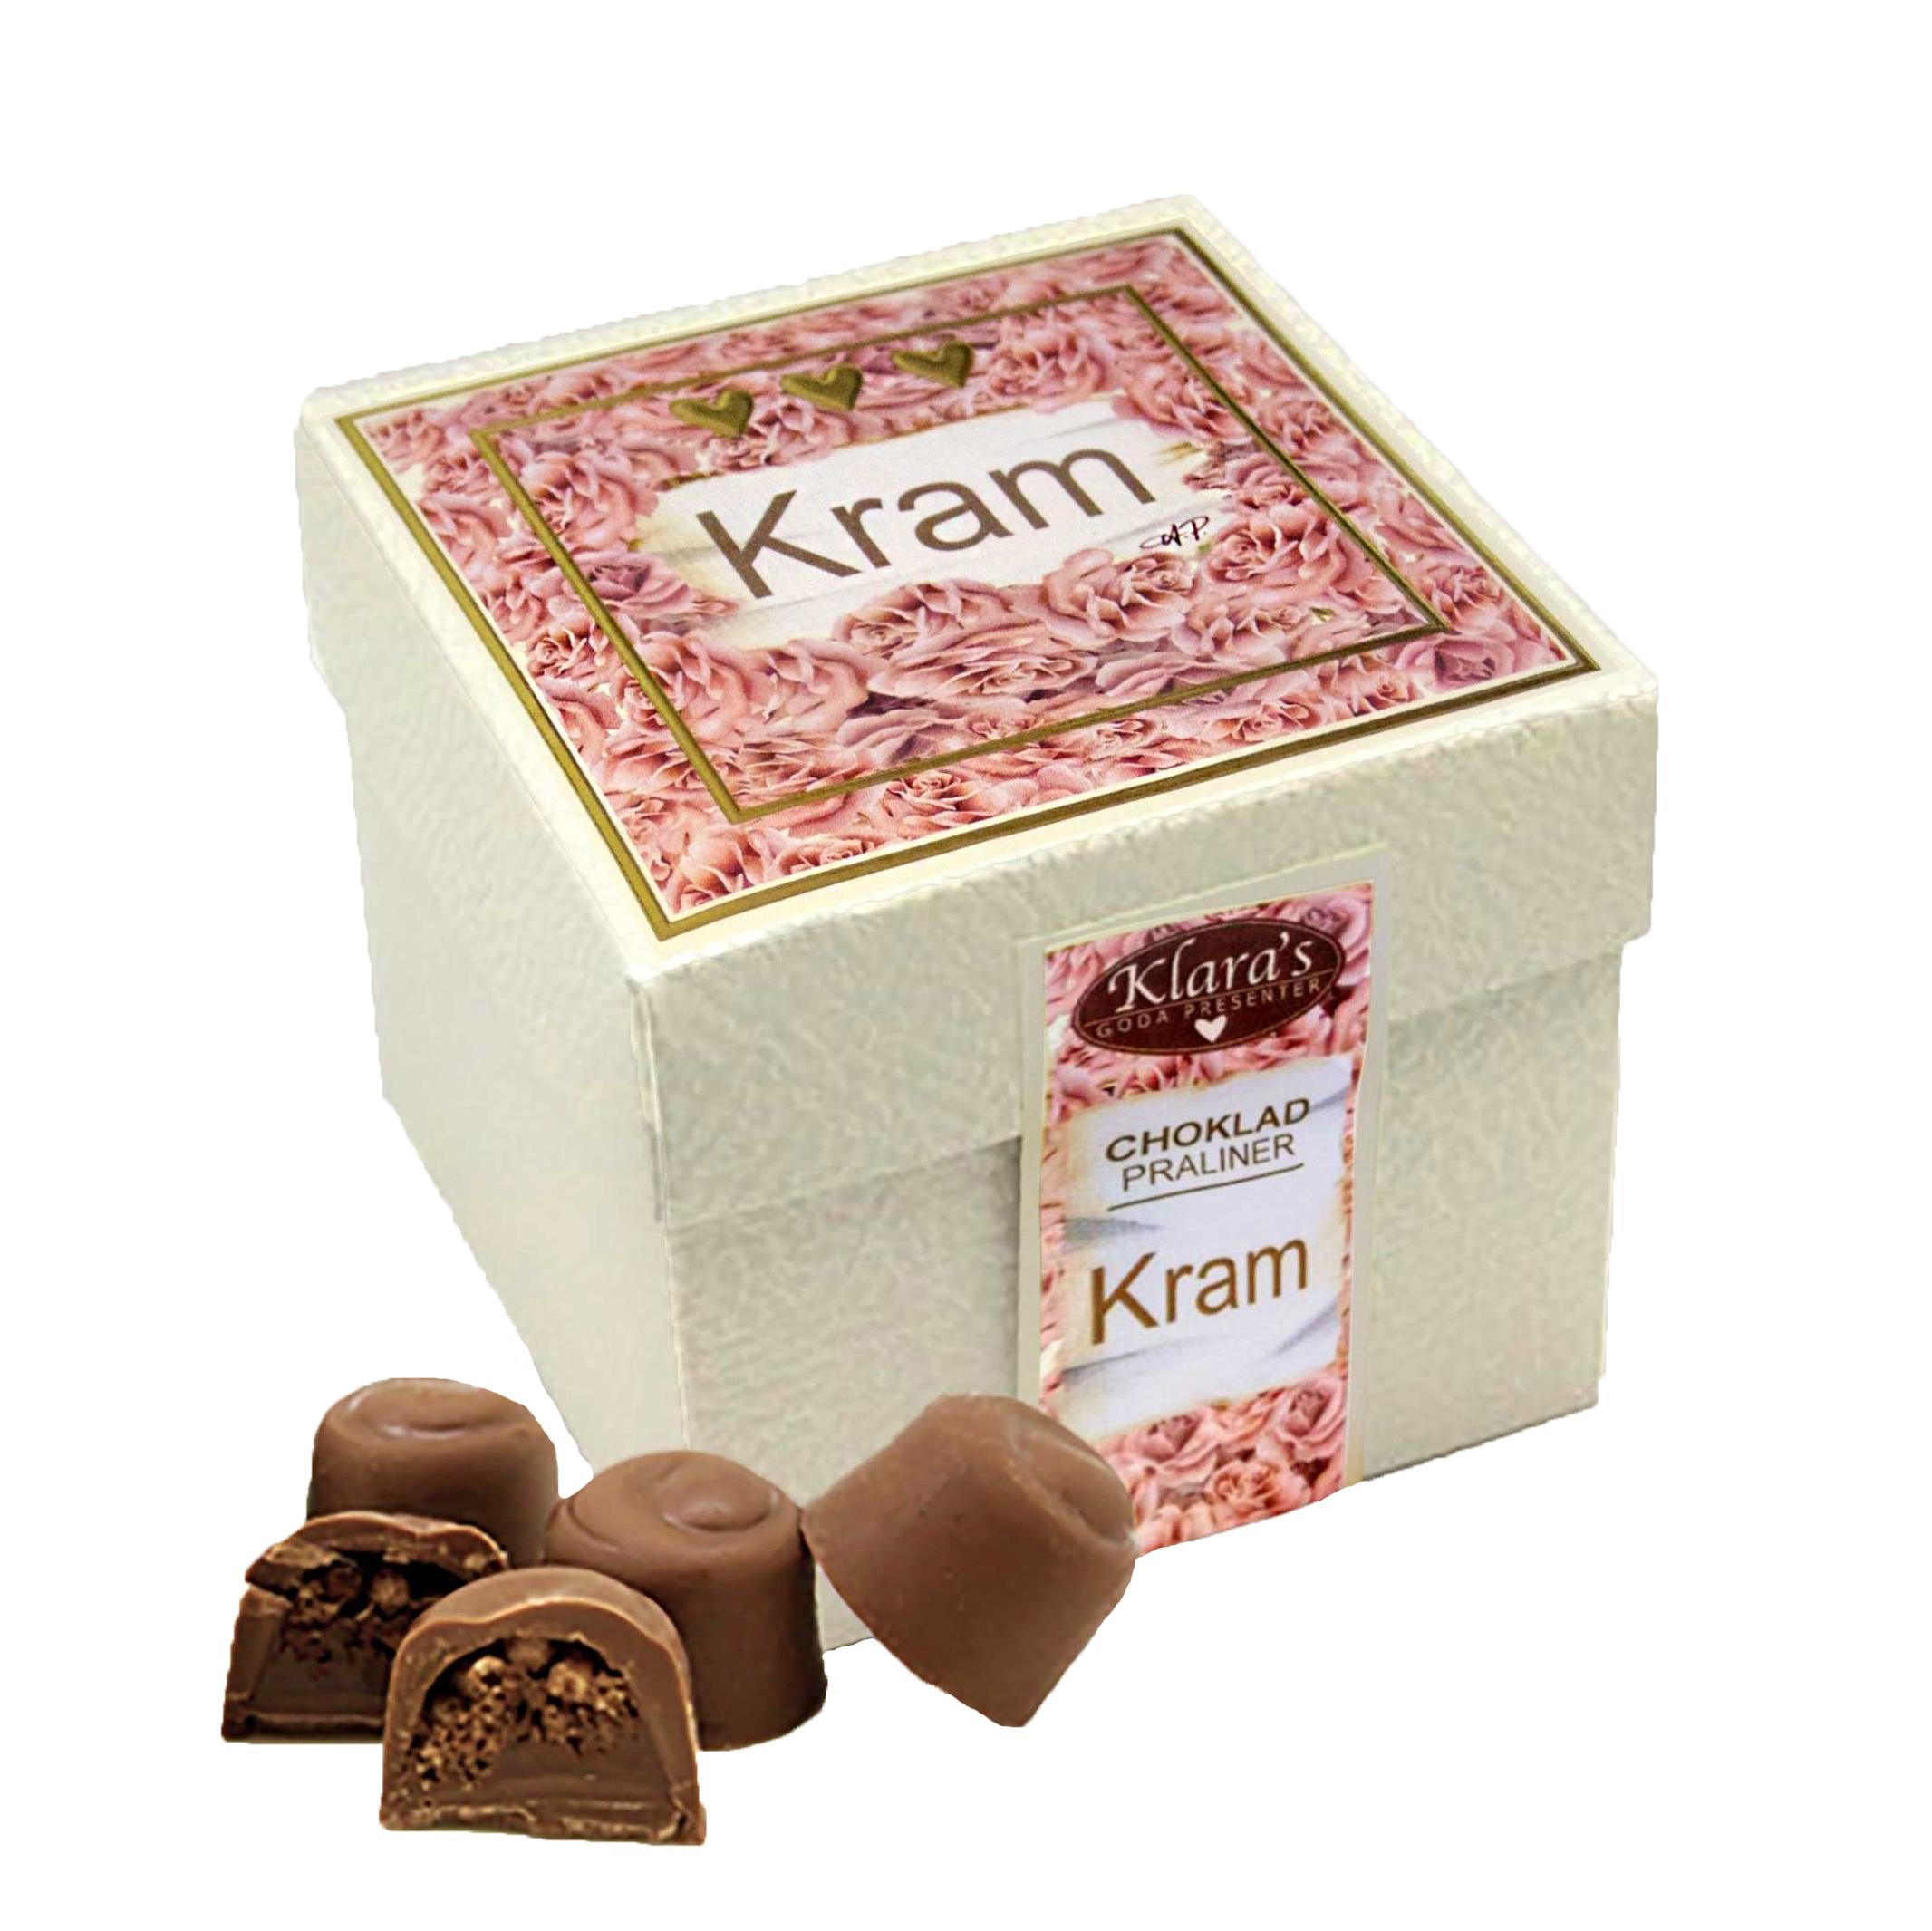 Kram - Lyxiga chokladpraliner i presentbox • Pryloteket